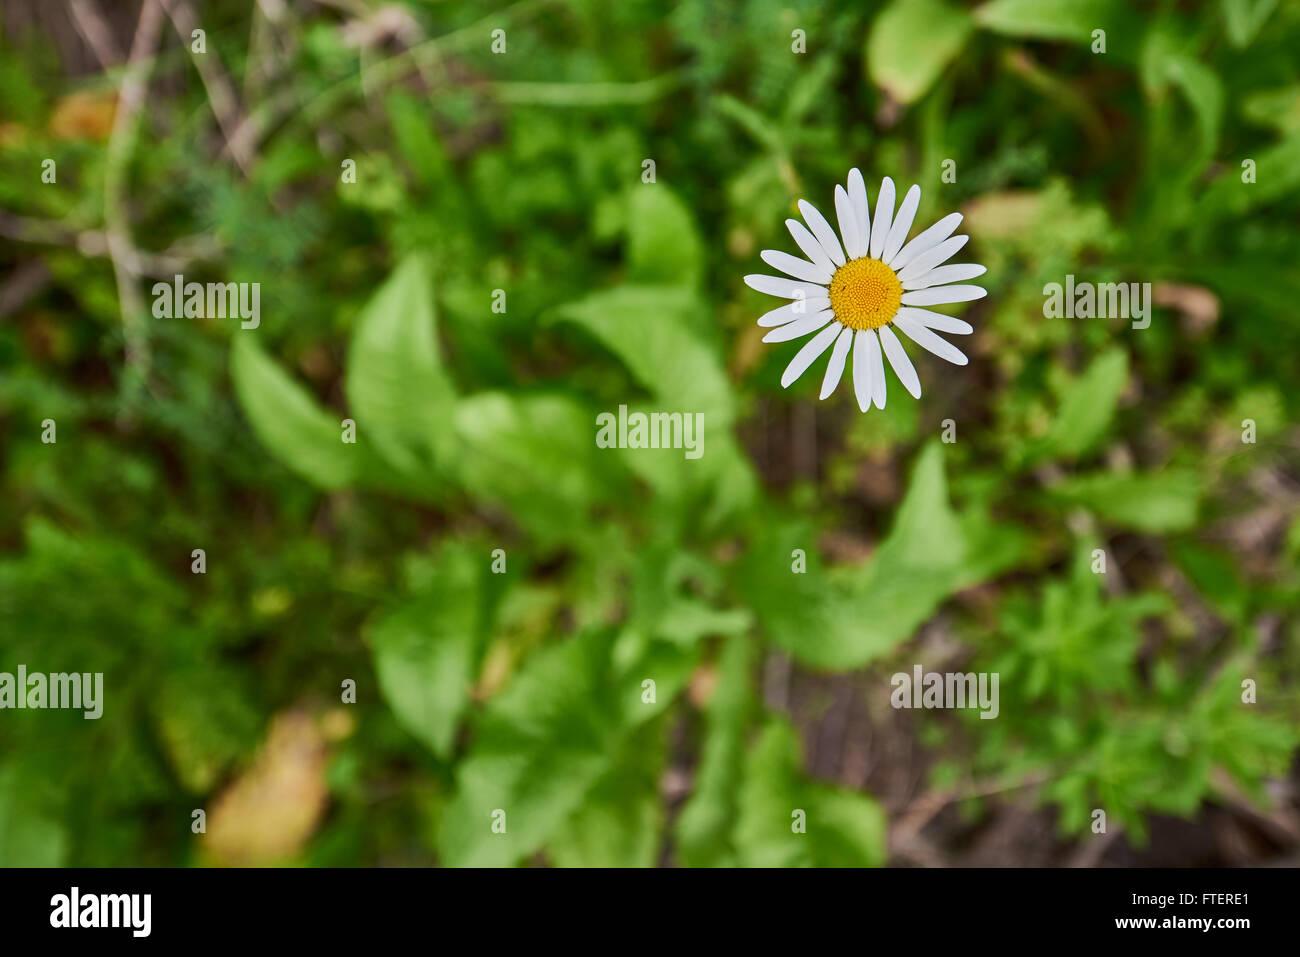 Corn chamomile yellow and white daisy like flowers growing wild in yellow and white daisy like flowers growing wild in a new zealand park izmirmasajfo